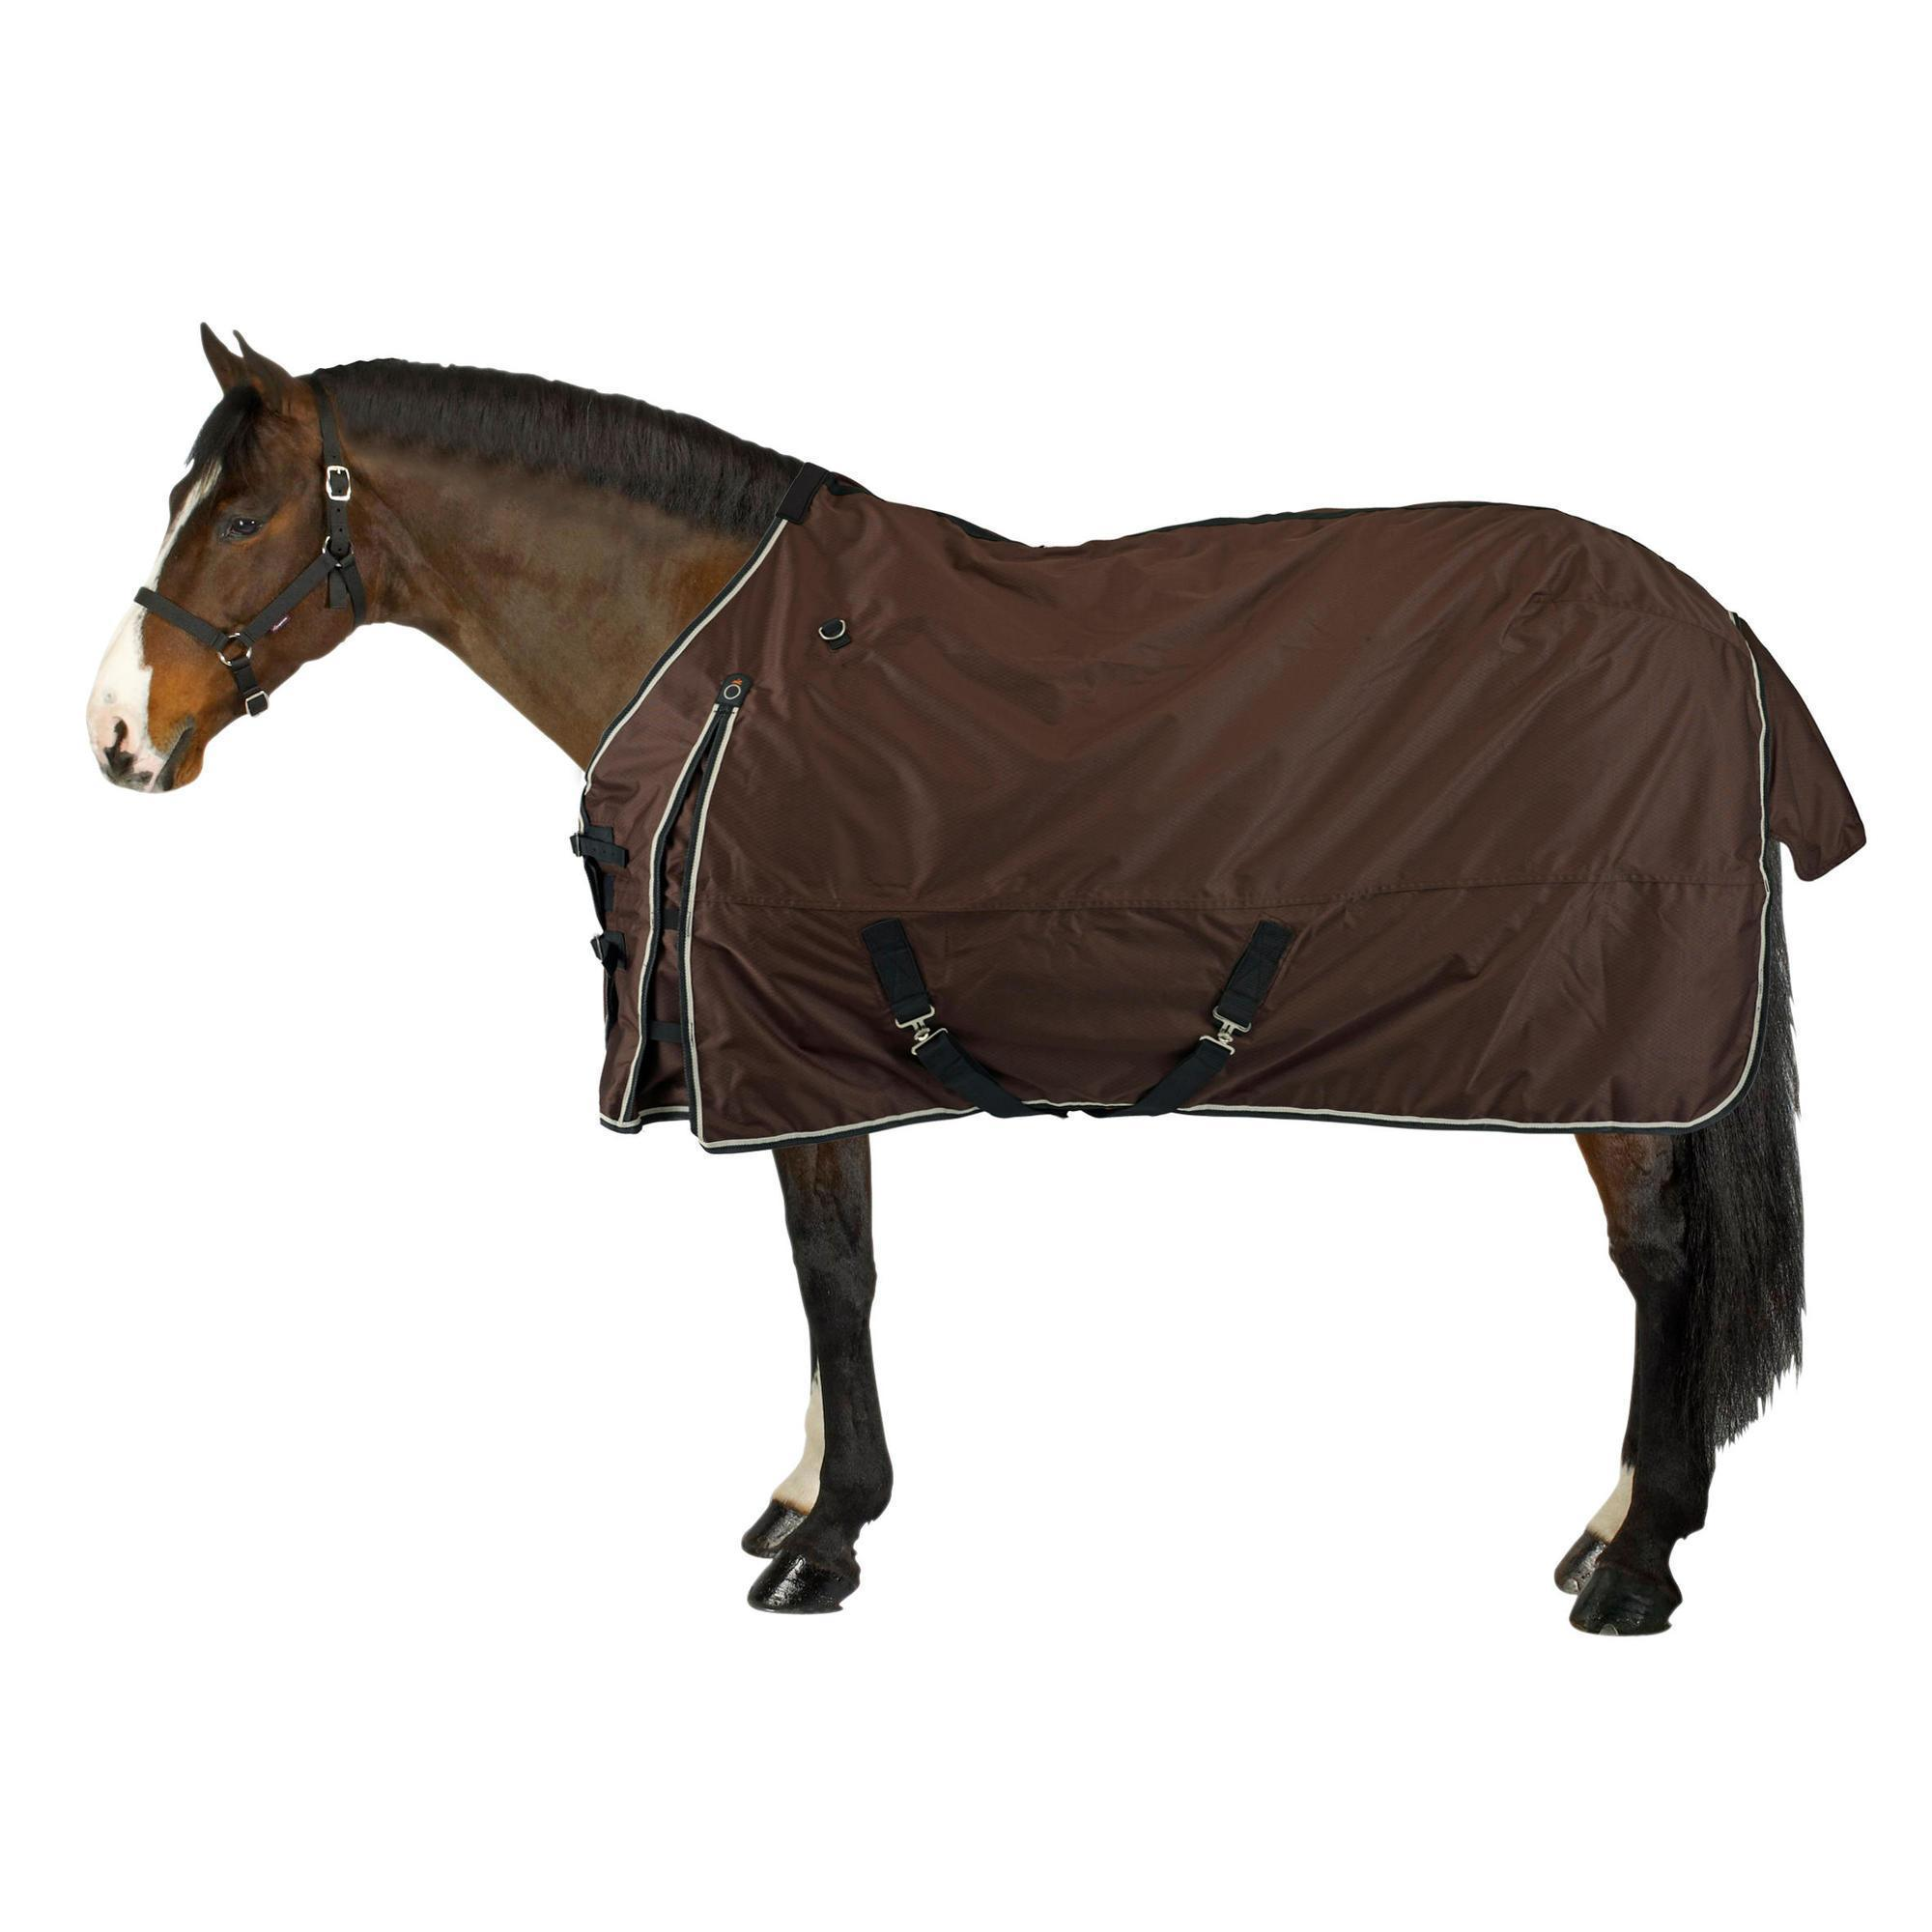 chemise d 39 ext rieur imperm able quitation allweather light marron fouganza. Black Bedroom Furniture Sets. Home Design Ideas